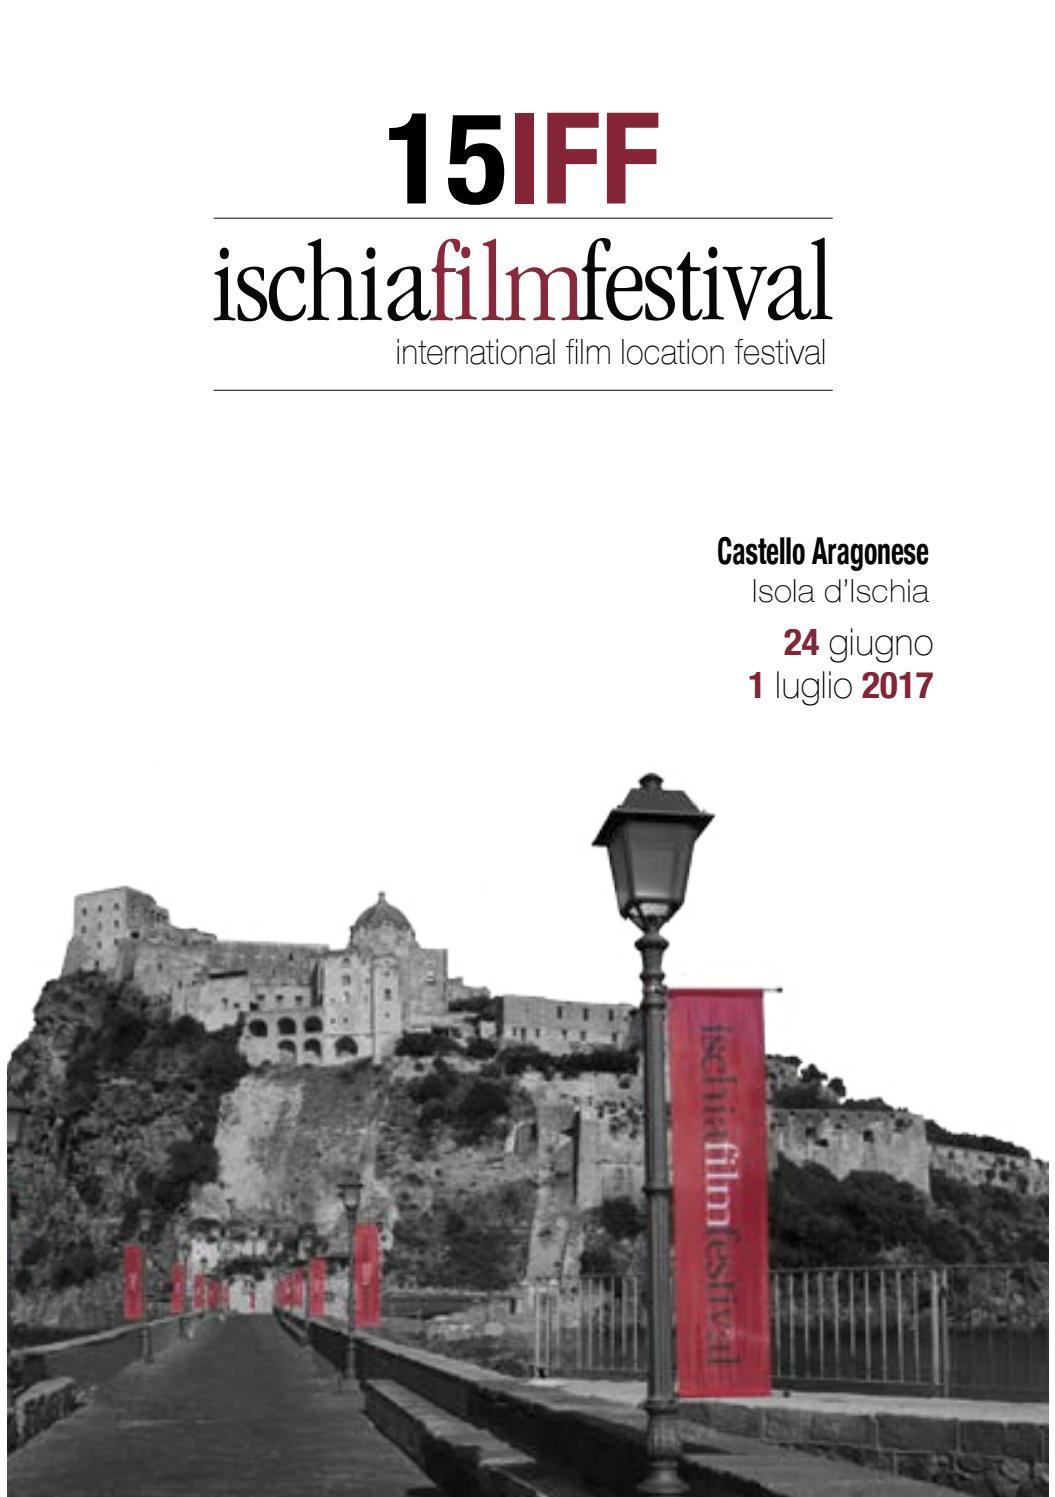 Ristorante Martina Rosa Ischia catalogo ischia film festival 2017 by ass. cult. art movie e